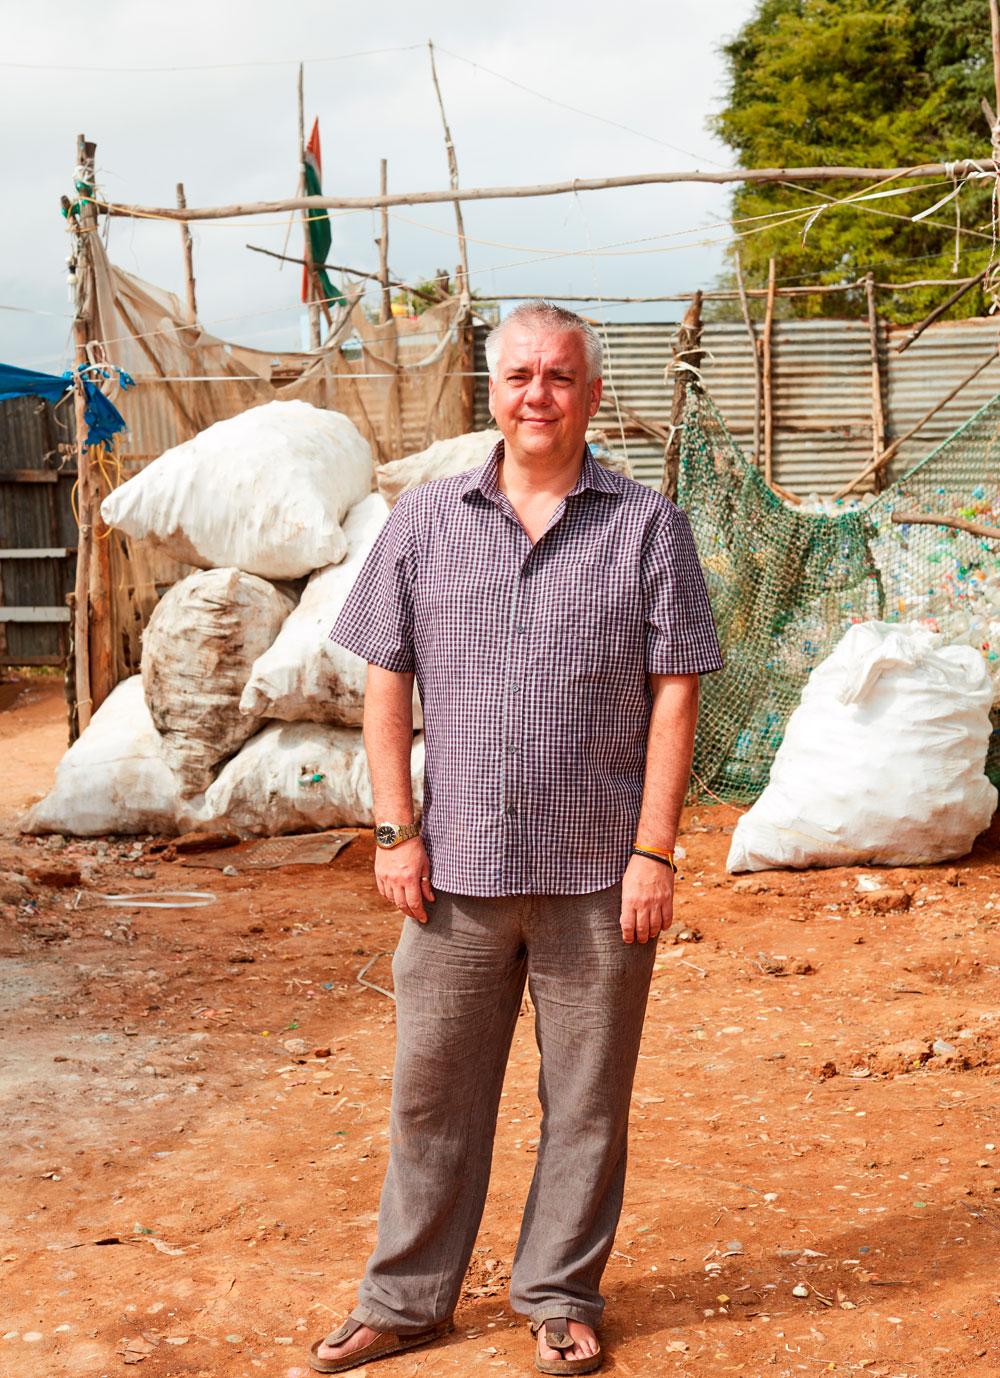 Mit dem neuen Community Trade Plastik-Projekt geht The Body Shop die Plastikkrise auf verschiedenen Ebenen an.